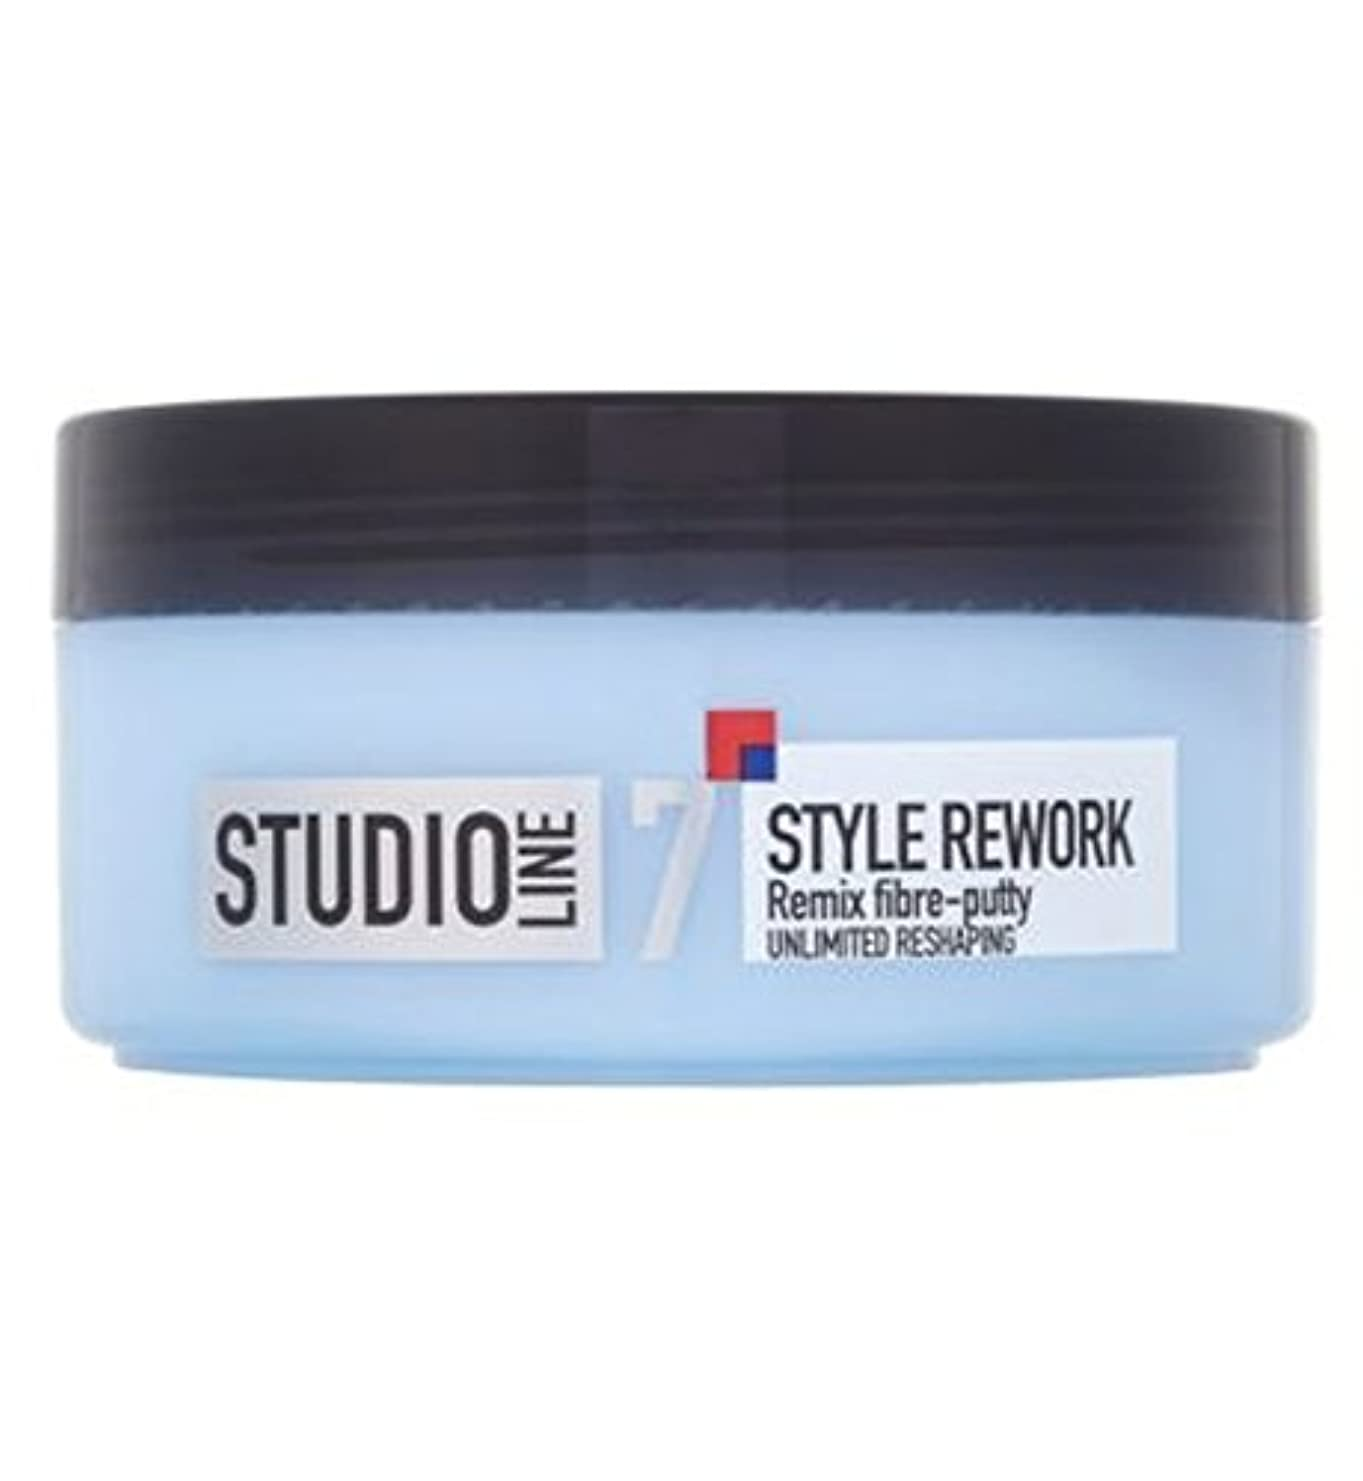 無意識ガジュマルながらL'Oreallスタジオラインスタイルリワークリミックス繊維パテ150ミリリットル (L'Oreal) (x2) - L'Oreall Studio Line Style Rework Remix Fibre-Putty...